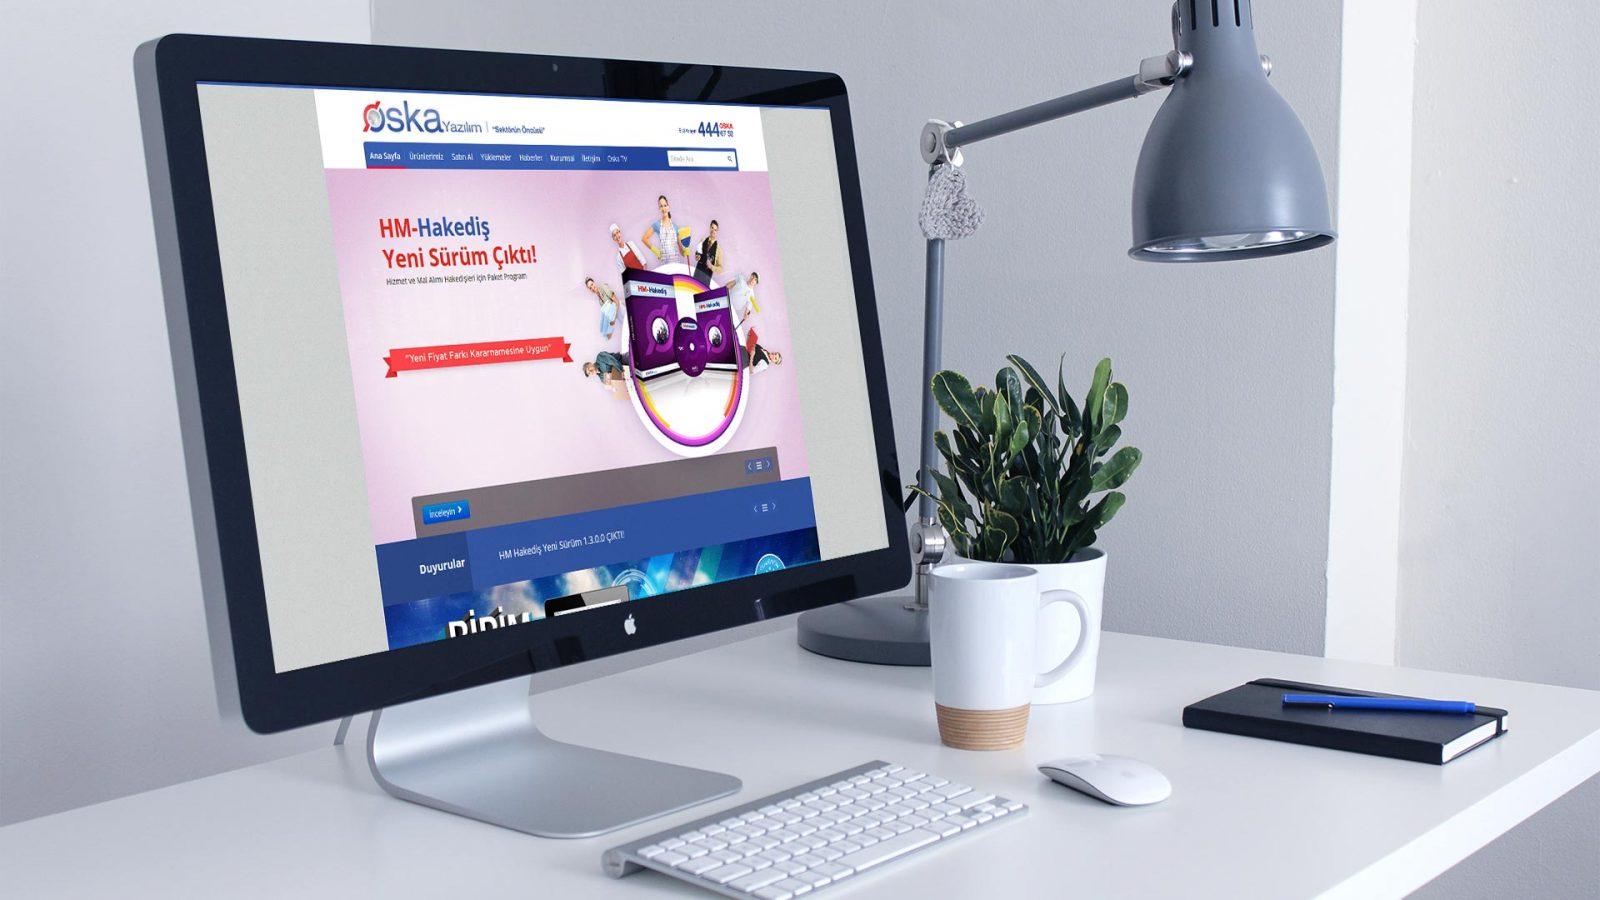 oska yazılım web sitesi tasarımı 03